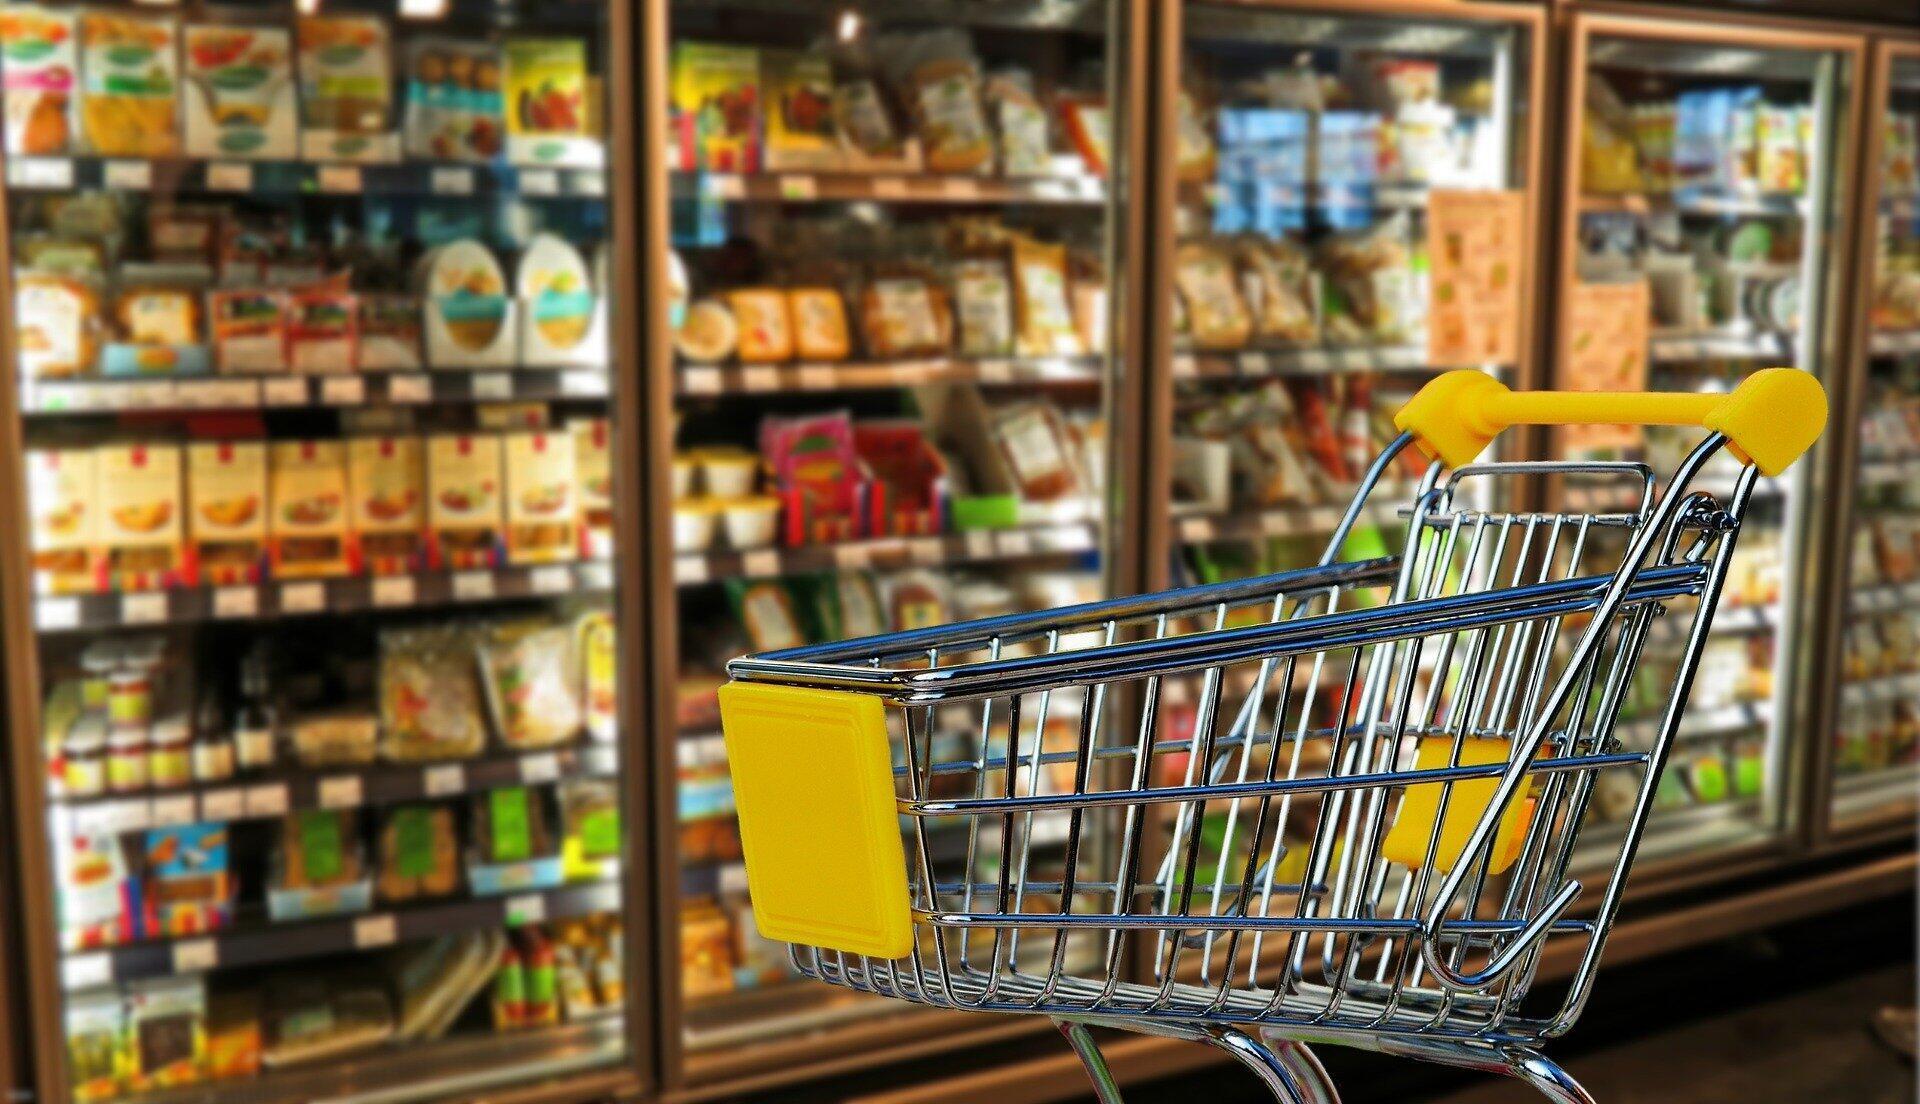 shopping-supermarket Pixabay CC